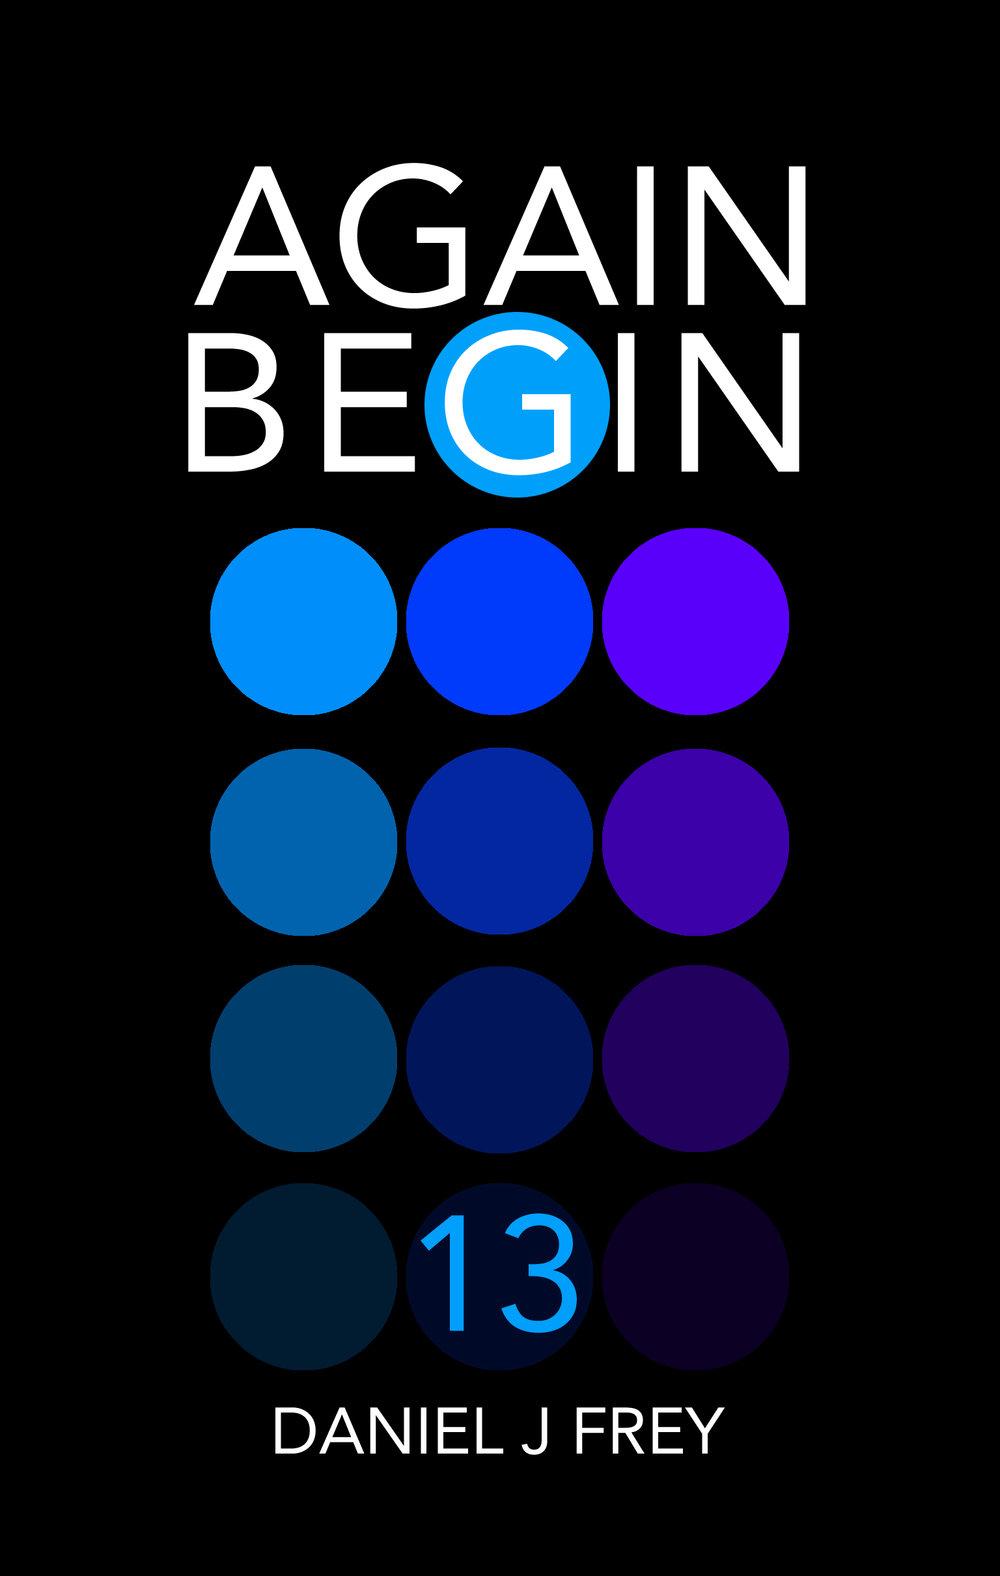 Again Begin 13 - Day Three